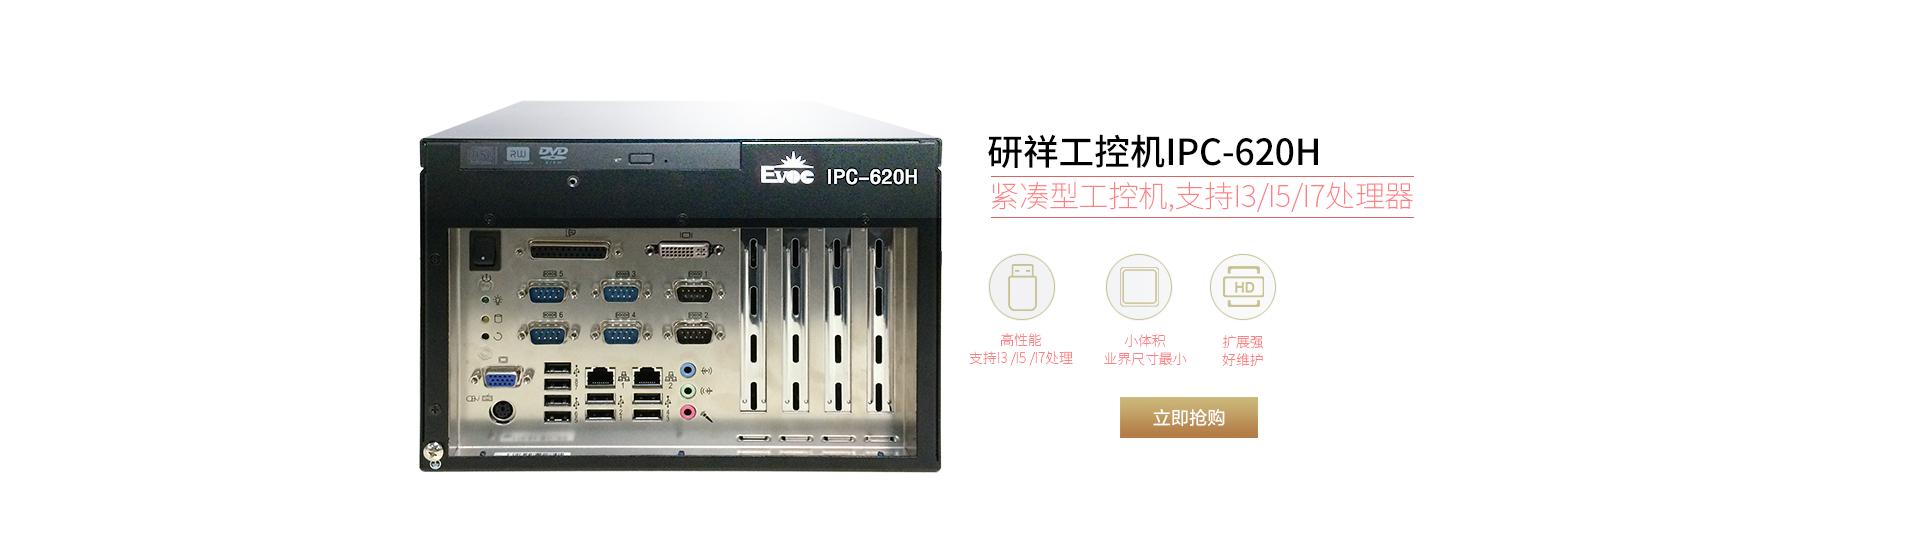 紧凑型工控机IPC-620H,支持I3/I5/I7处理器